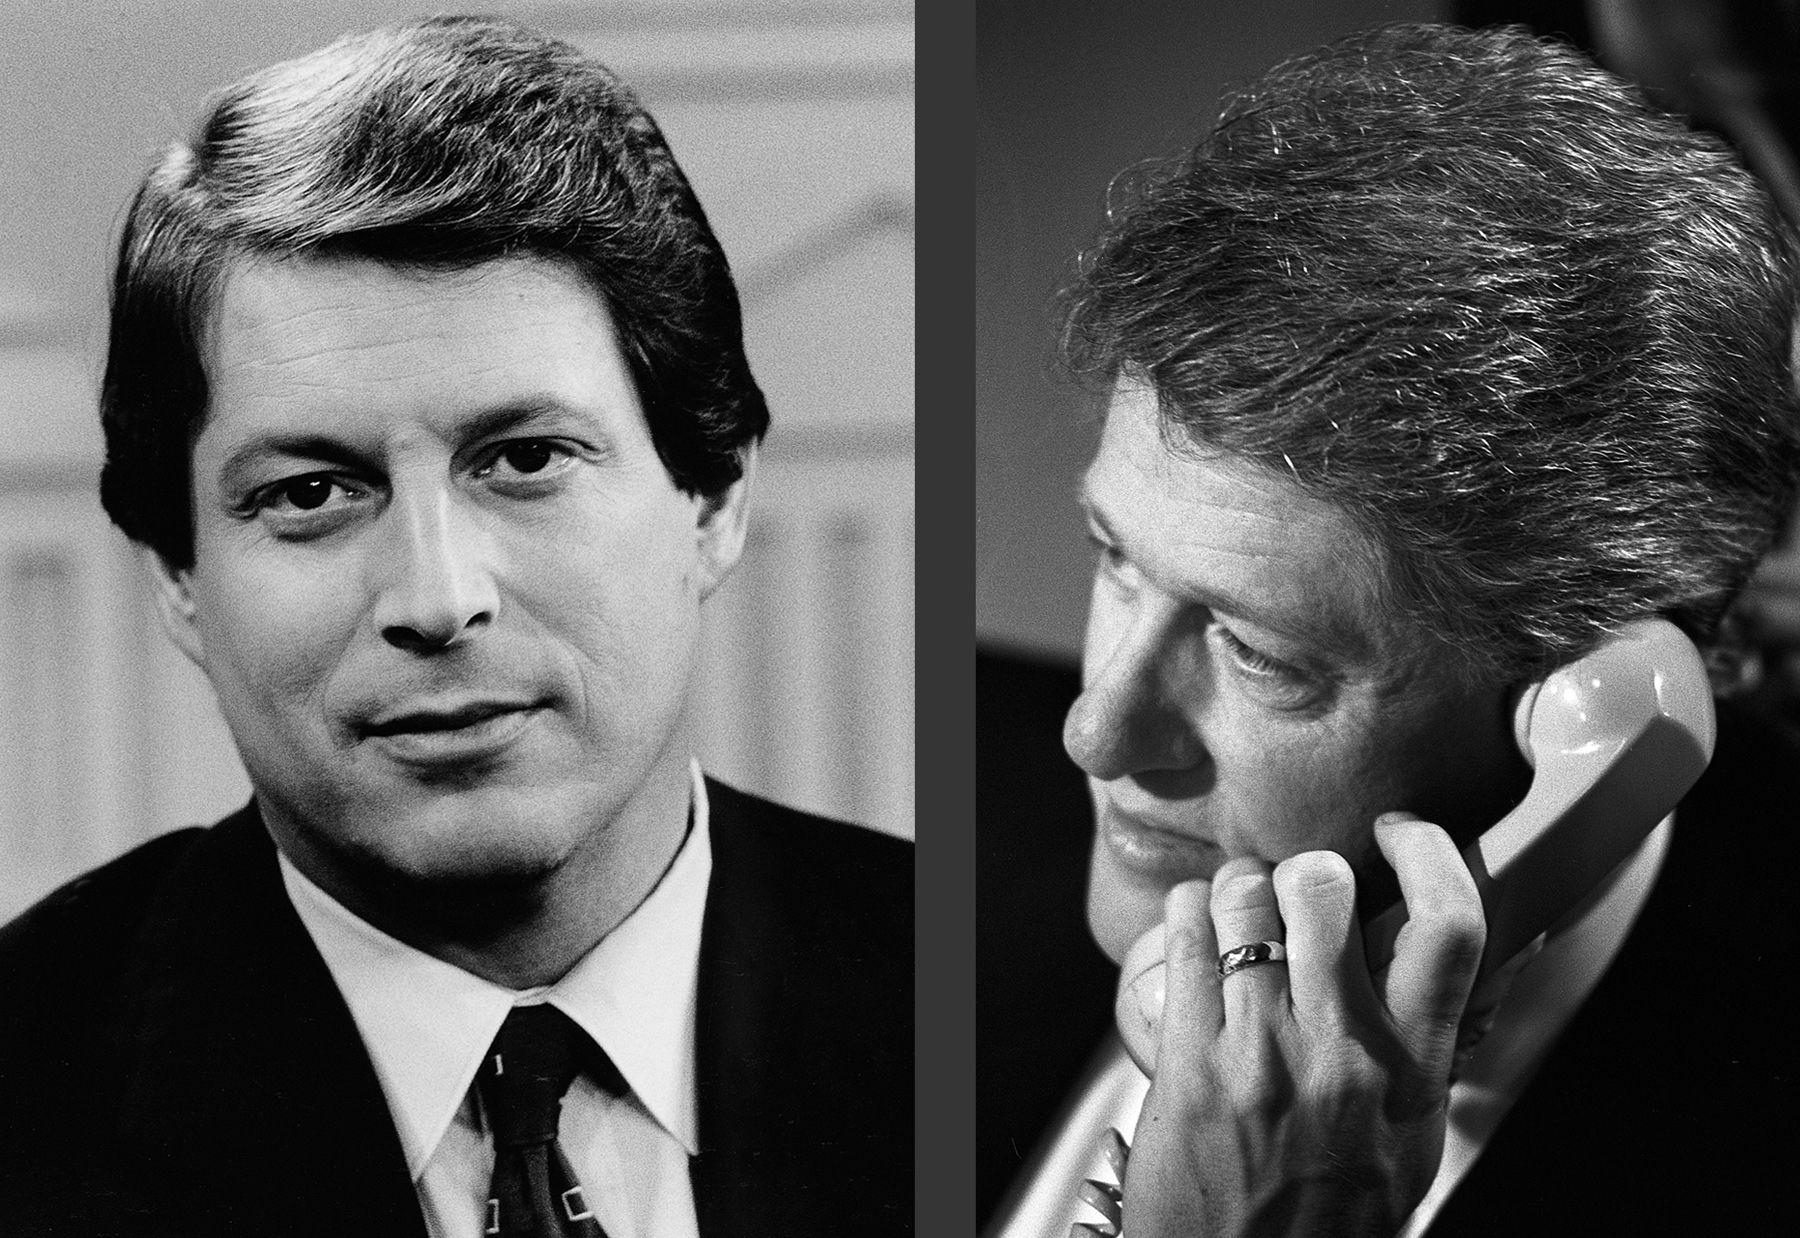 Gore & Clinton